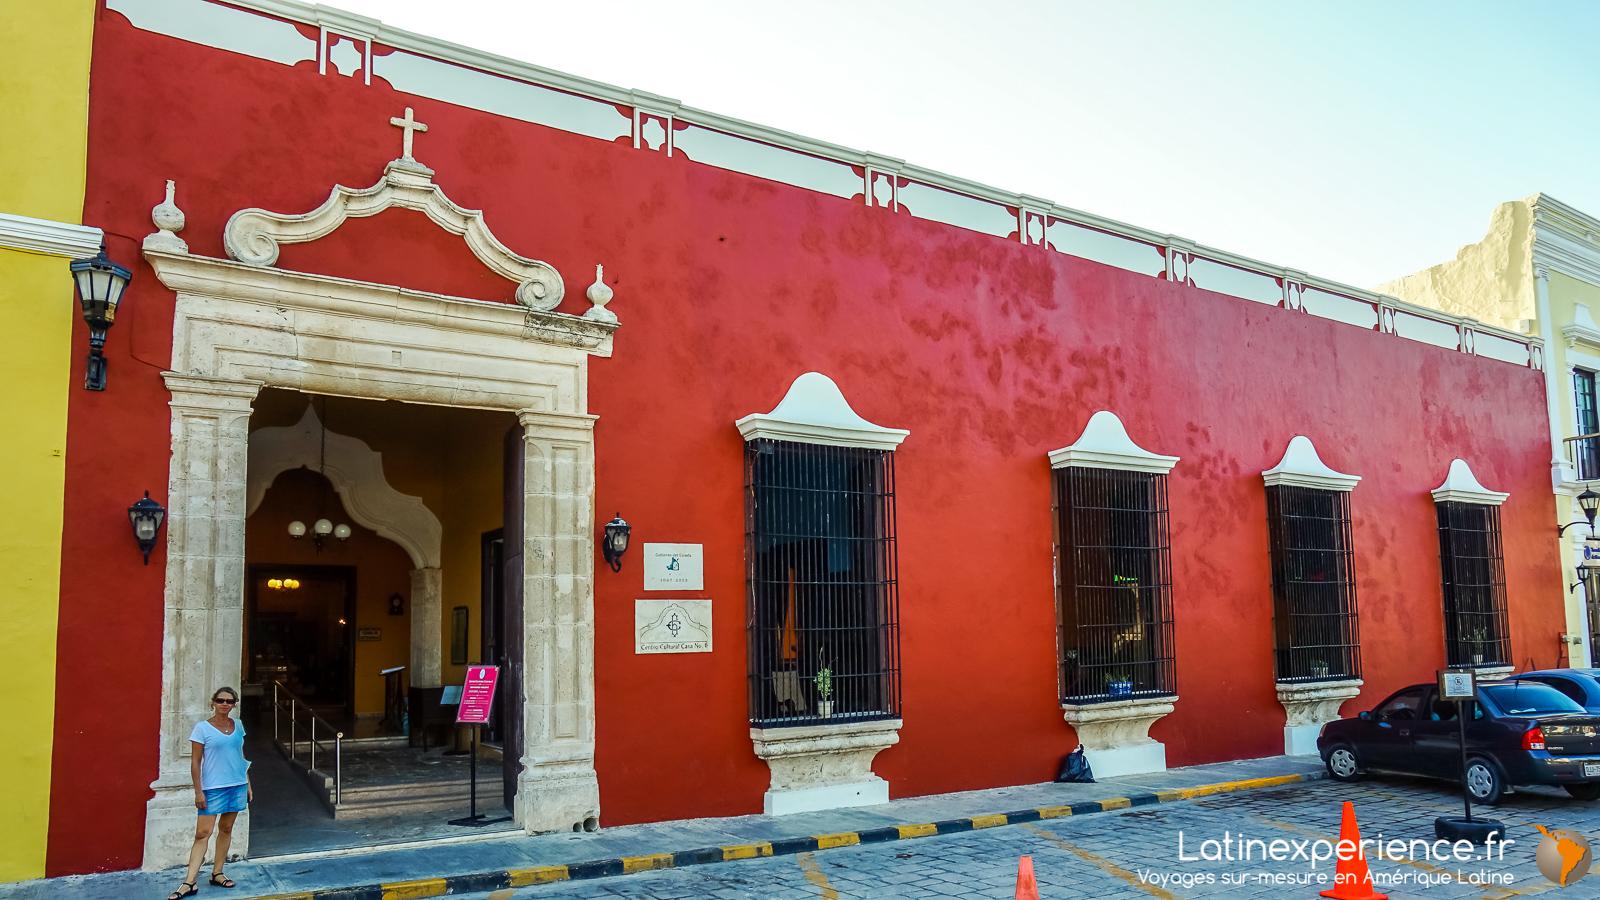 Mexique - Yucatan - centre culturel - Campeche - Latinexperience voyages